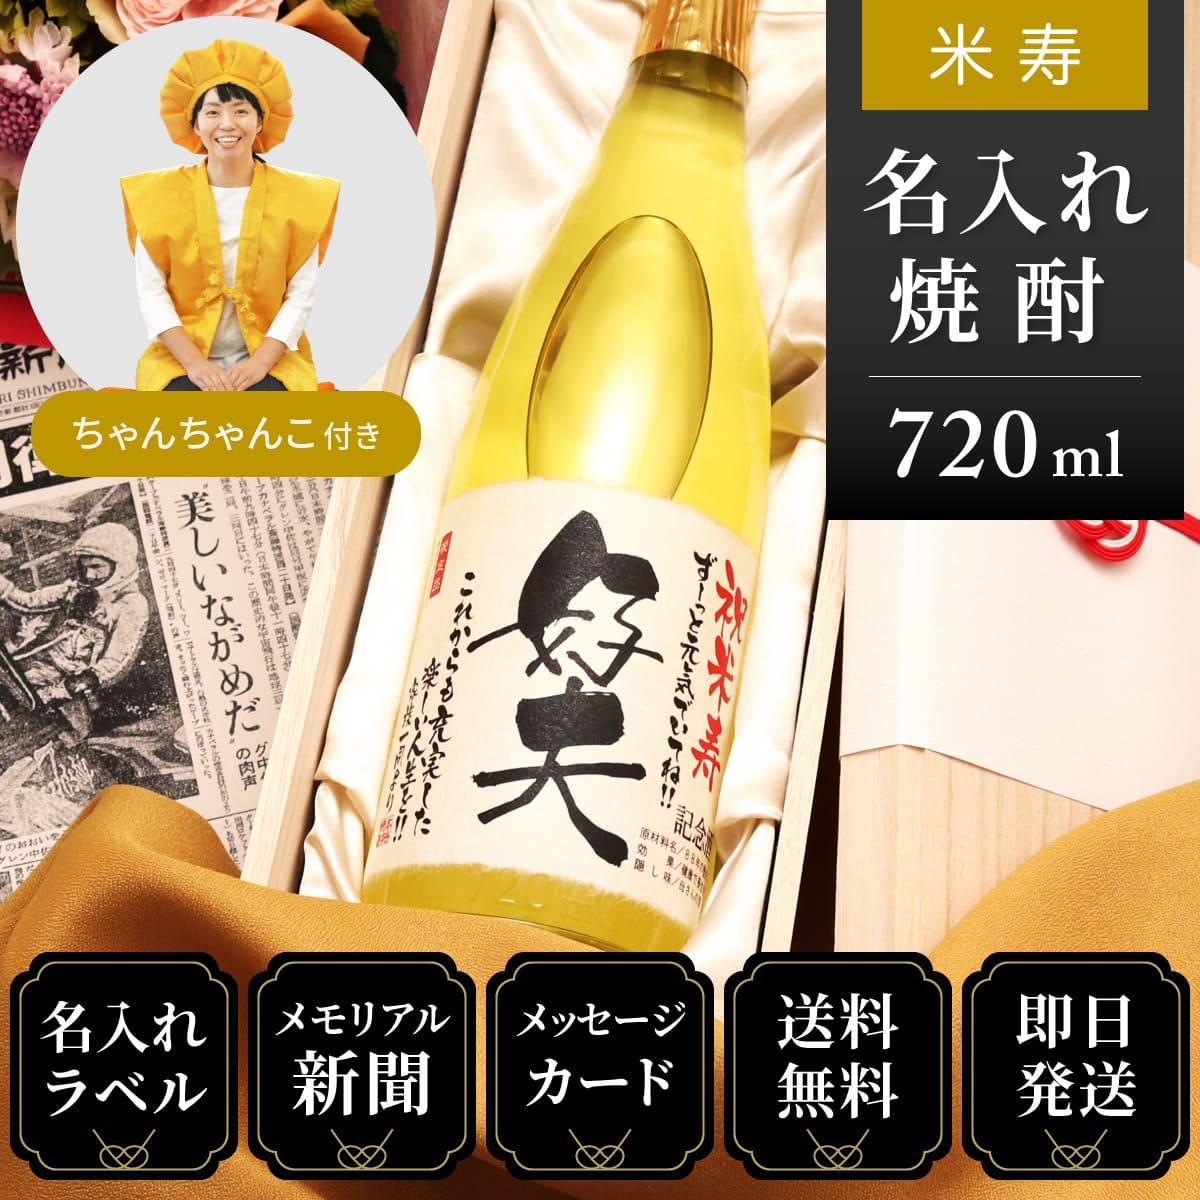 米寿ちゃんちゃんこ(日本製)と黄色瓶セット「華乃雫月」720ml(酒粕焼酎)